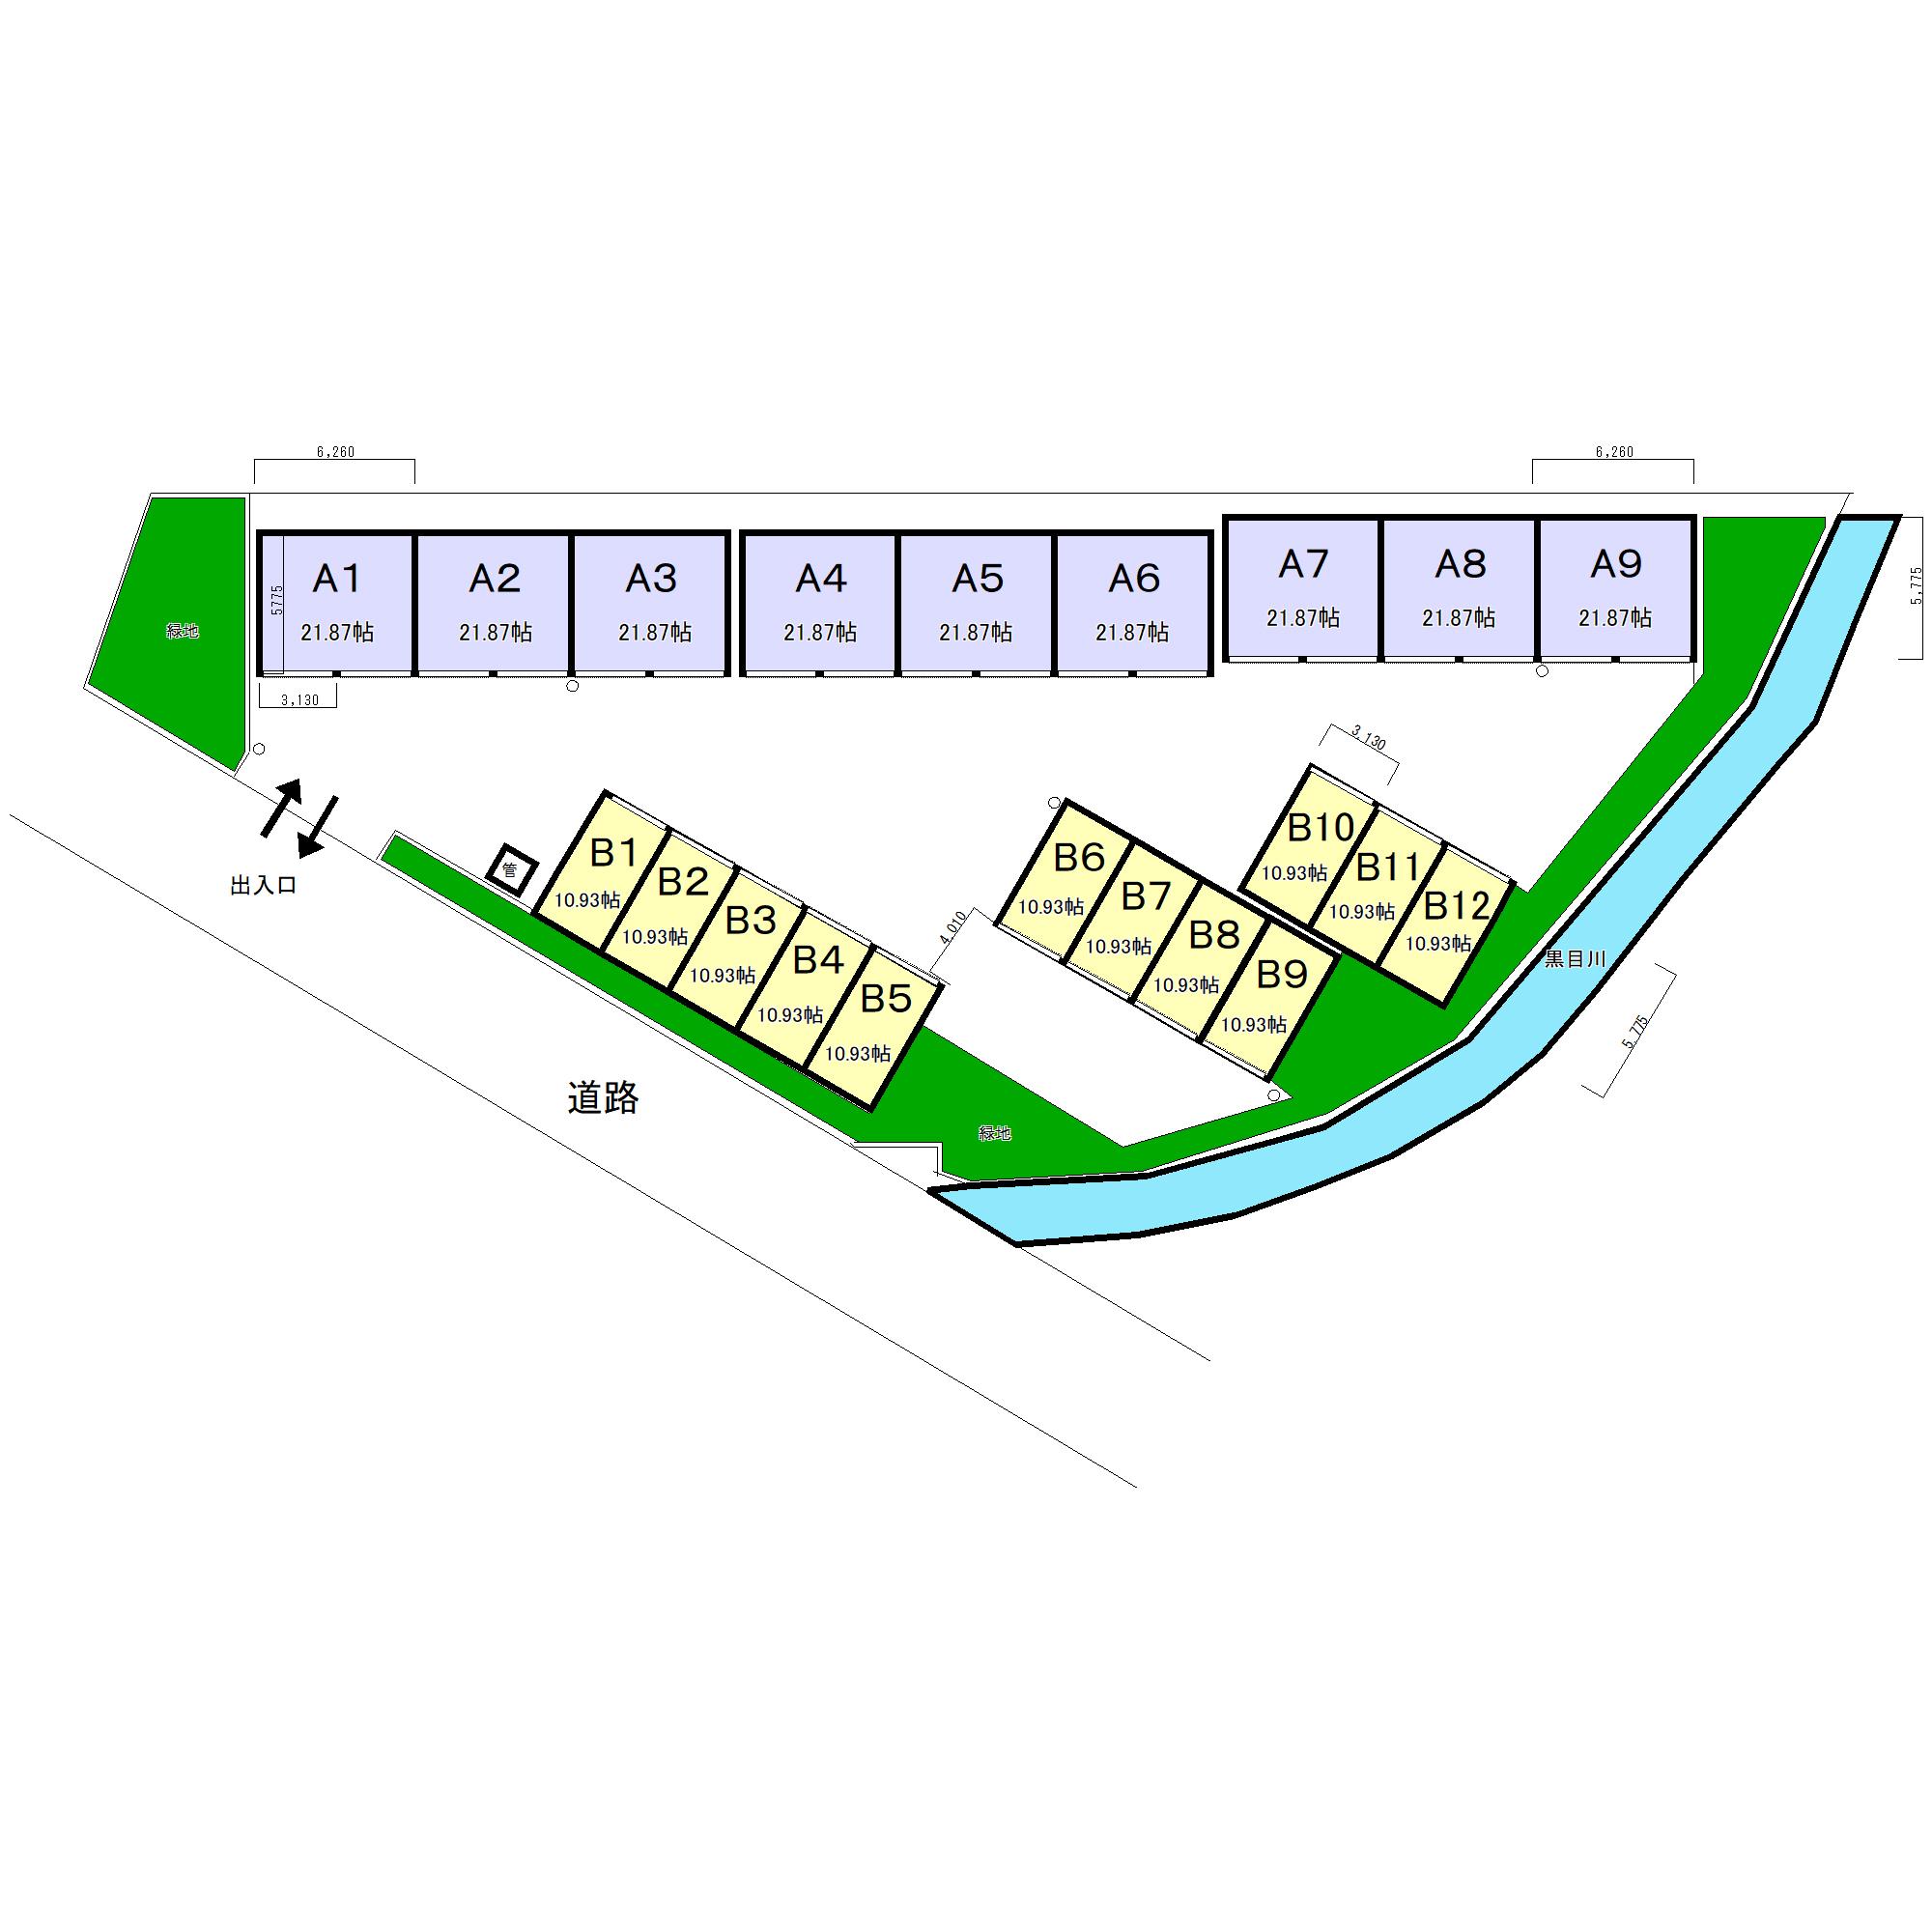 エヌピートランク柳窪5丁目(区画図)